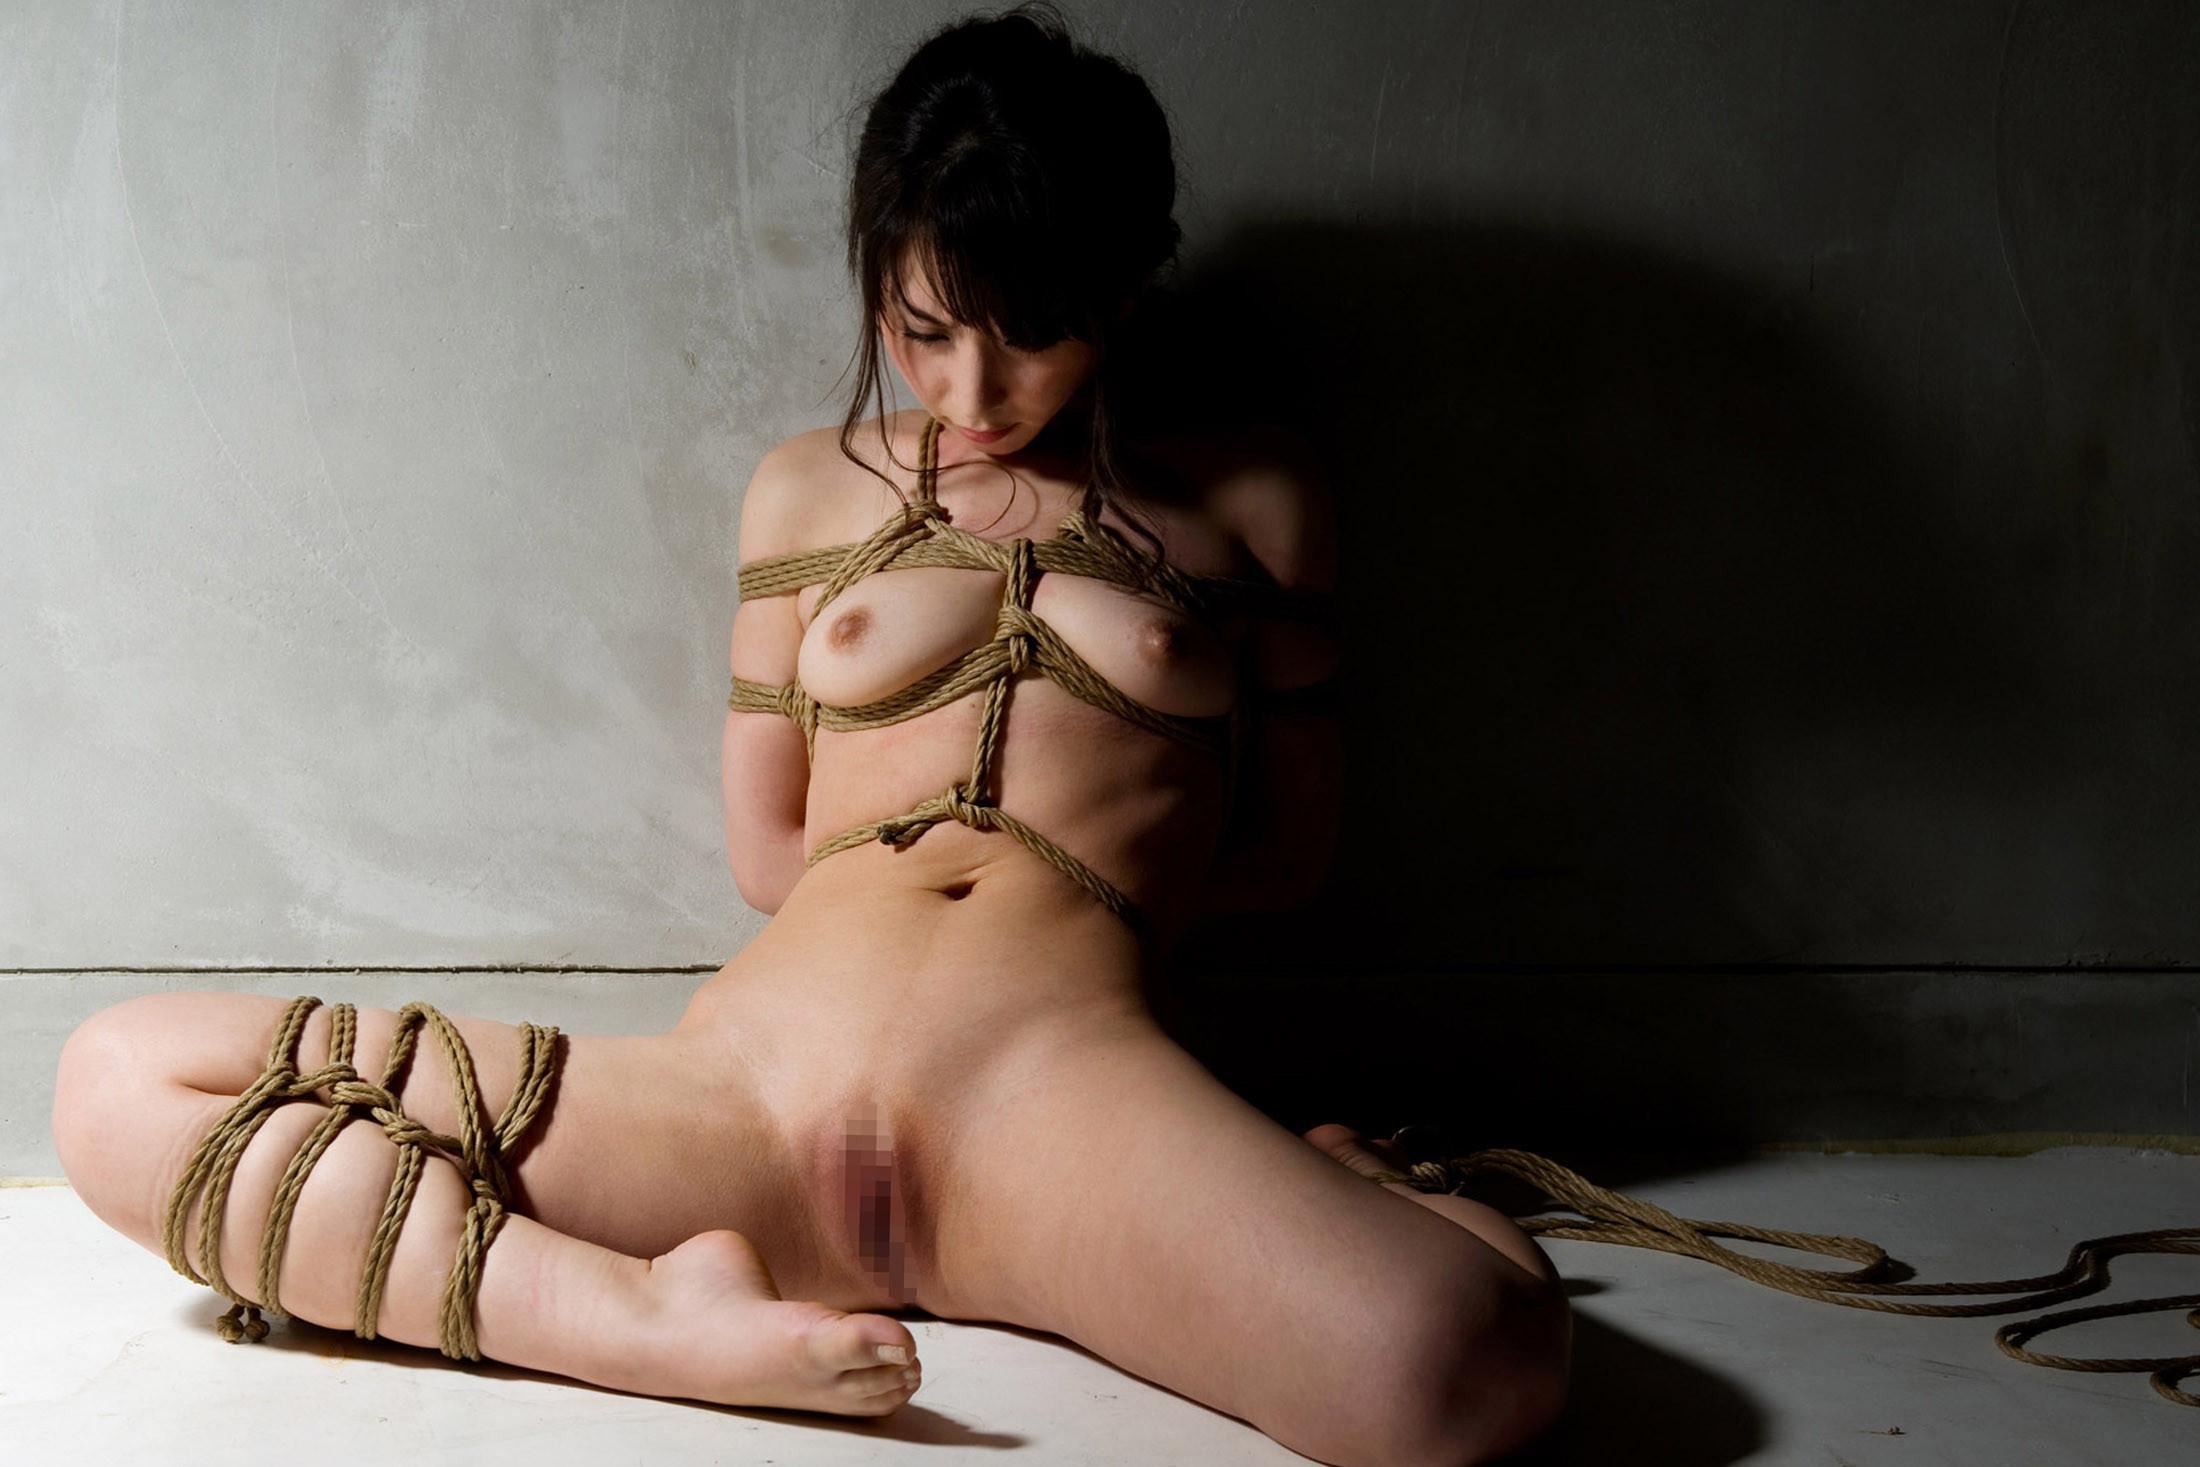 【SMエロ画像】調教されてる間は巨乳になれる?いつもより大きく見える緊縛おっぱいwww 13